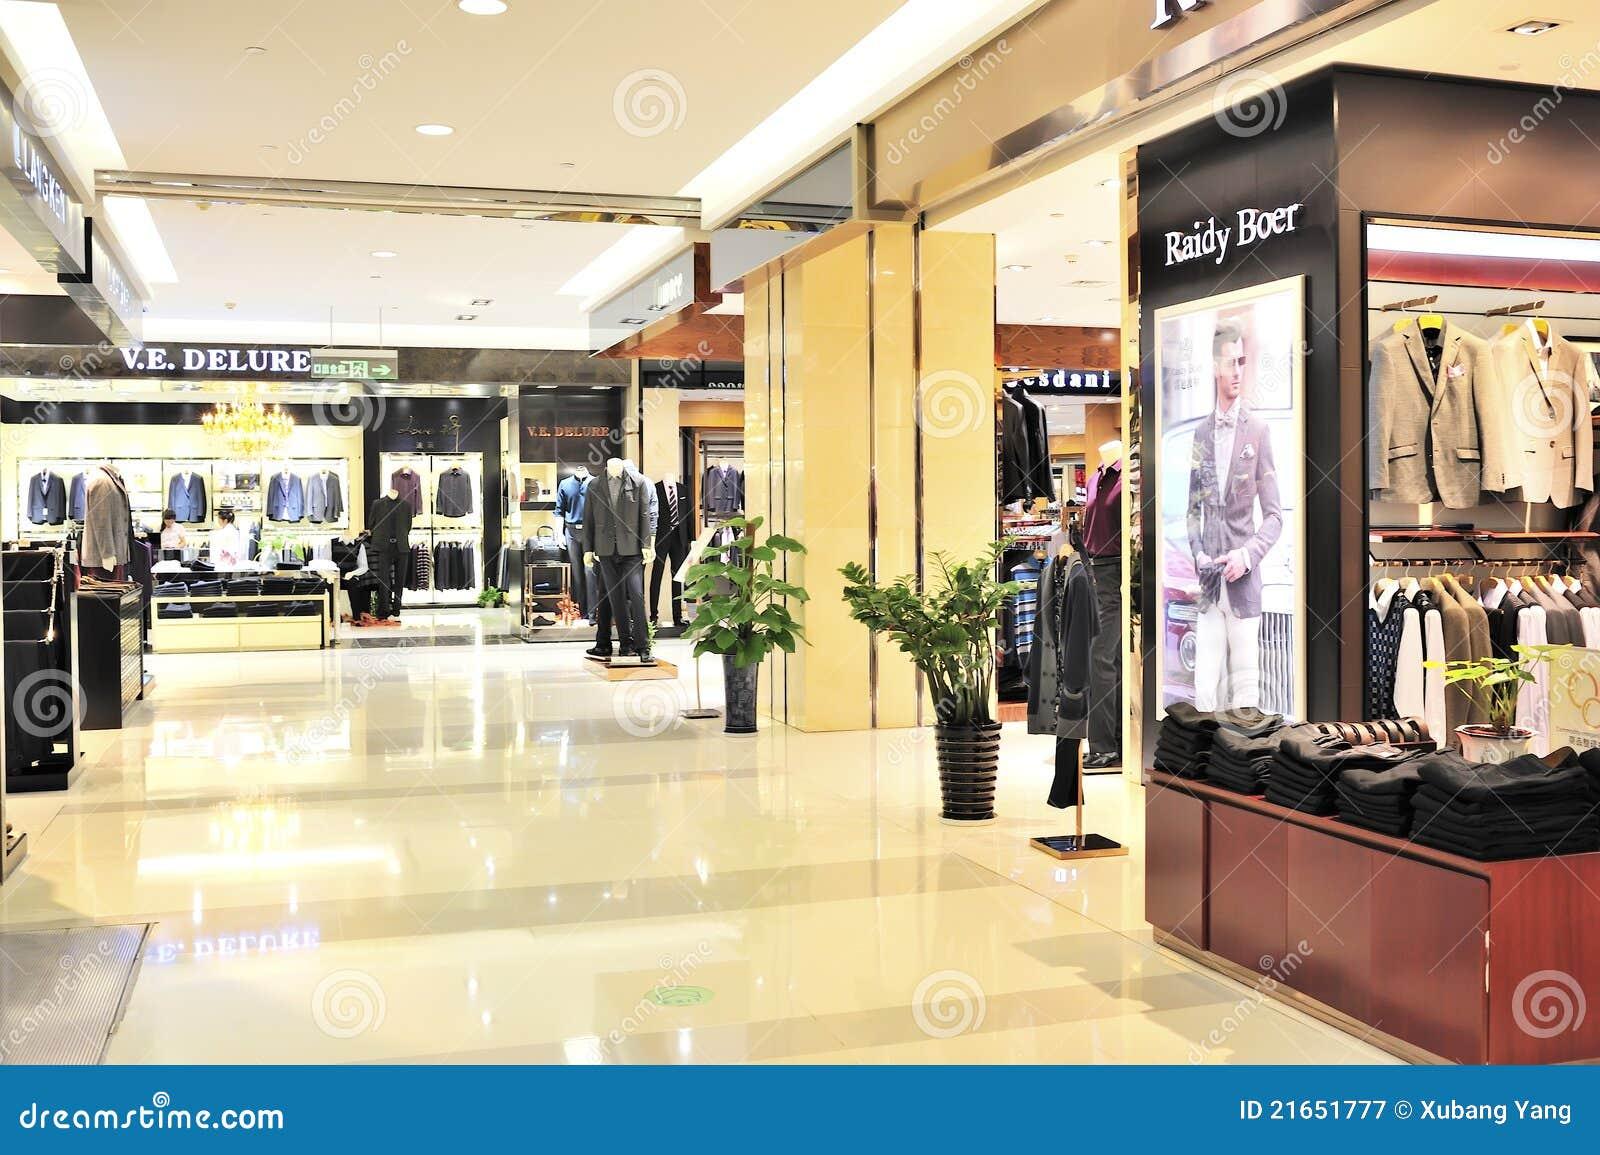 men's fashion clothing store in wuxi YAOHAN shopping plaza,YAOHAN is